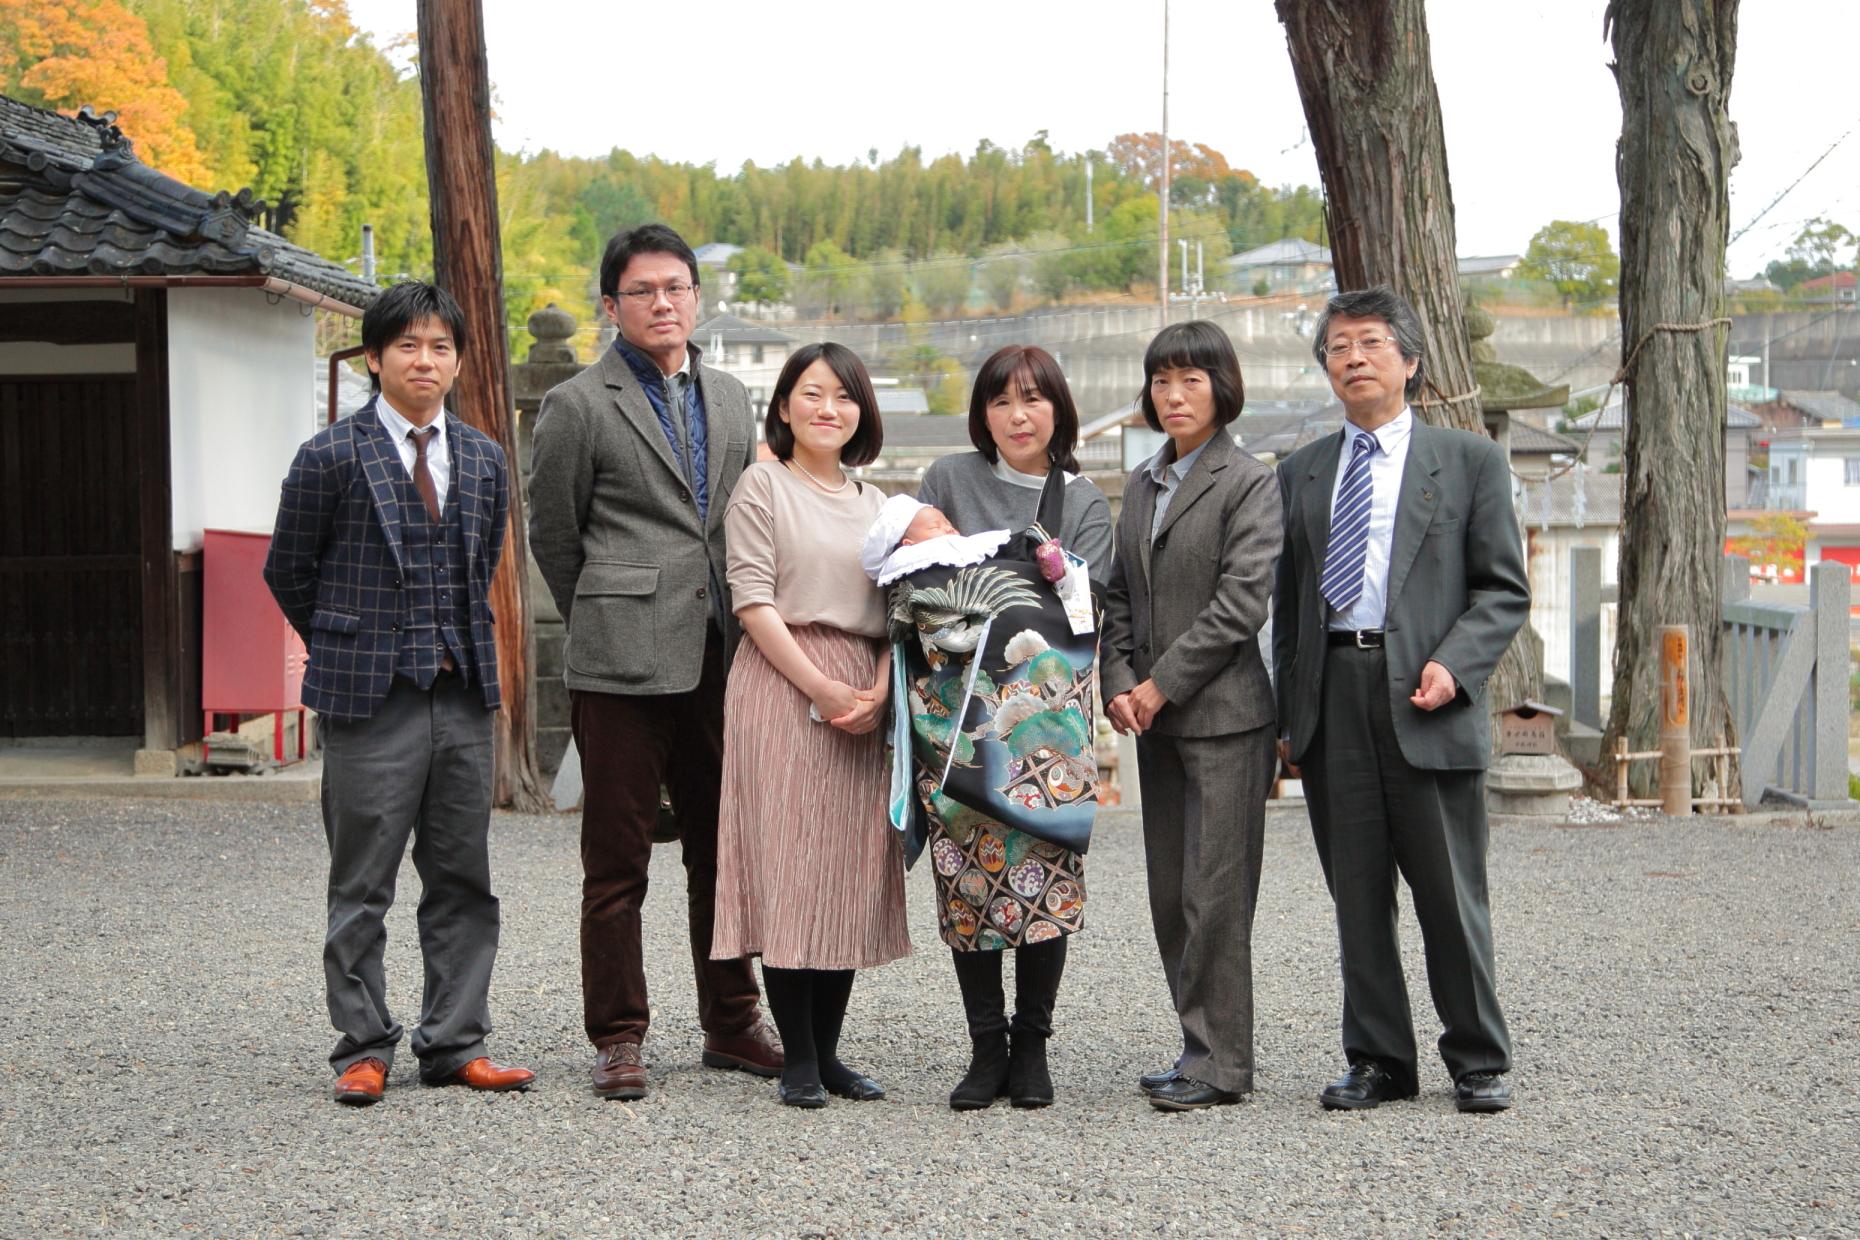 家族写真滋賀 滋賀出張撮影 お宮参り出張撮影 カメラマン滋賀